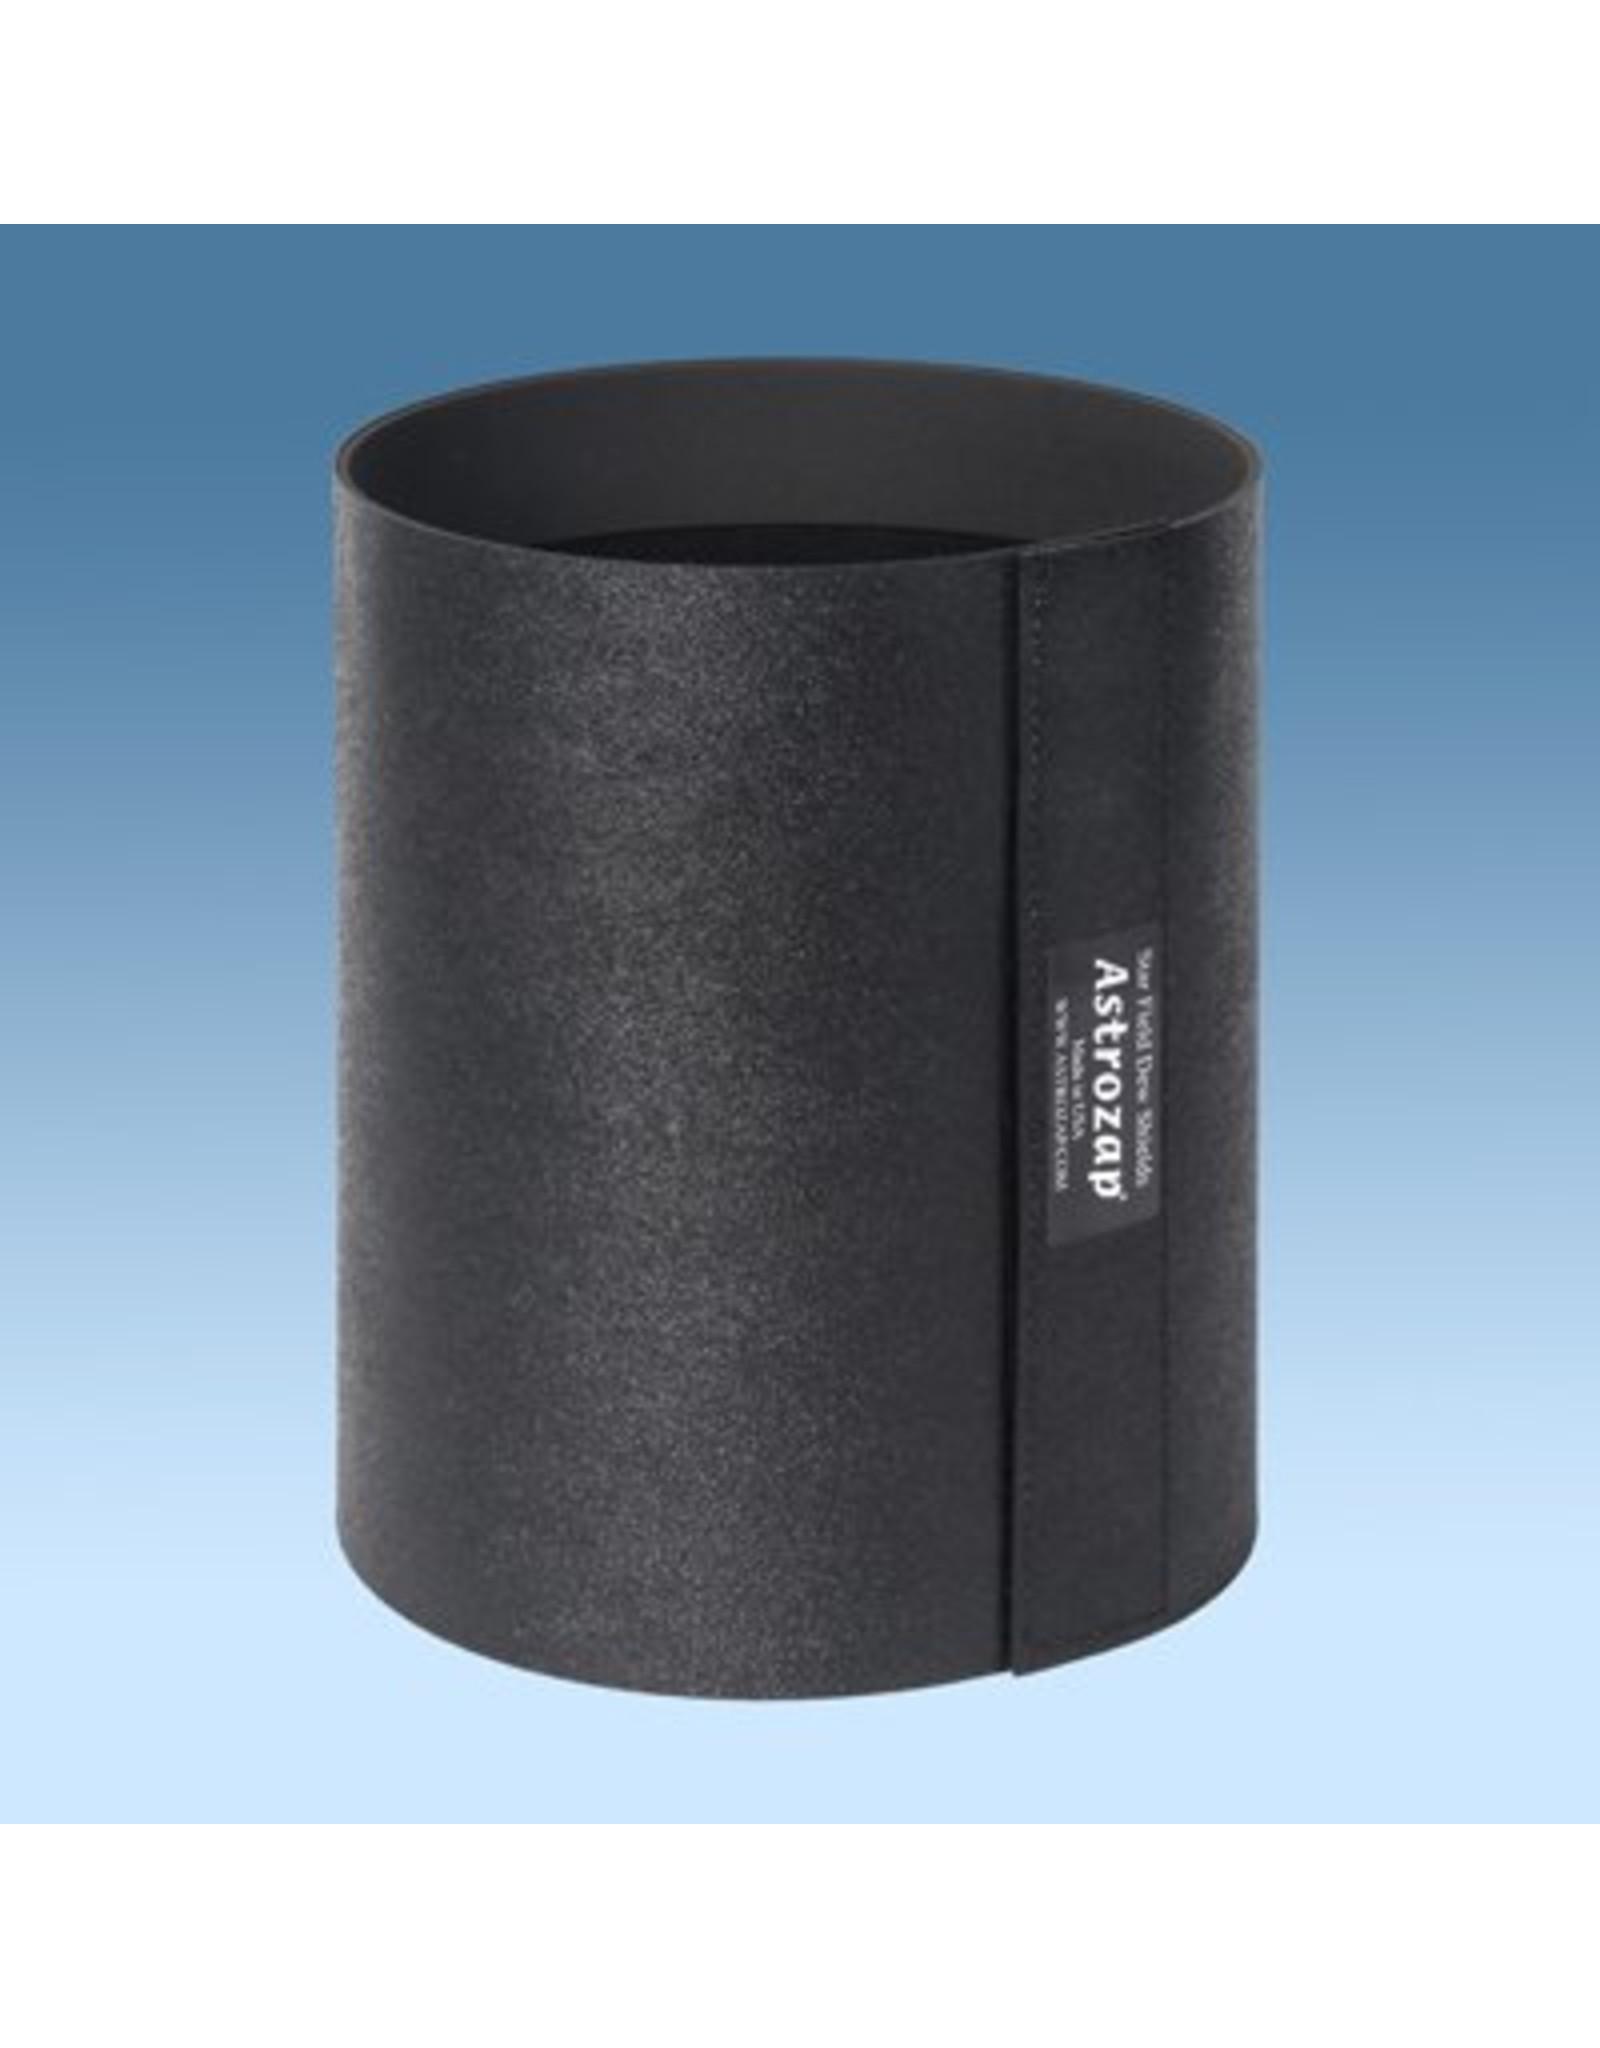 Astrozap Meade 6 LXD55 & LXD75 SCT-Newt Flexi-Shield™ Flexible Dew Shield